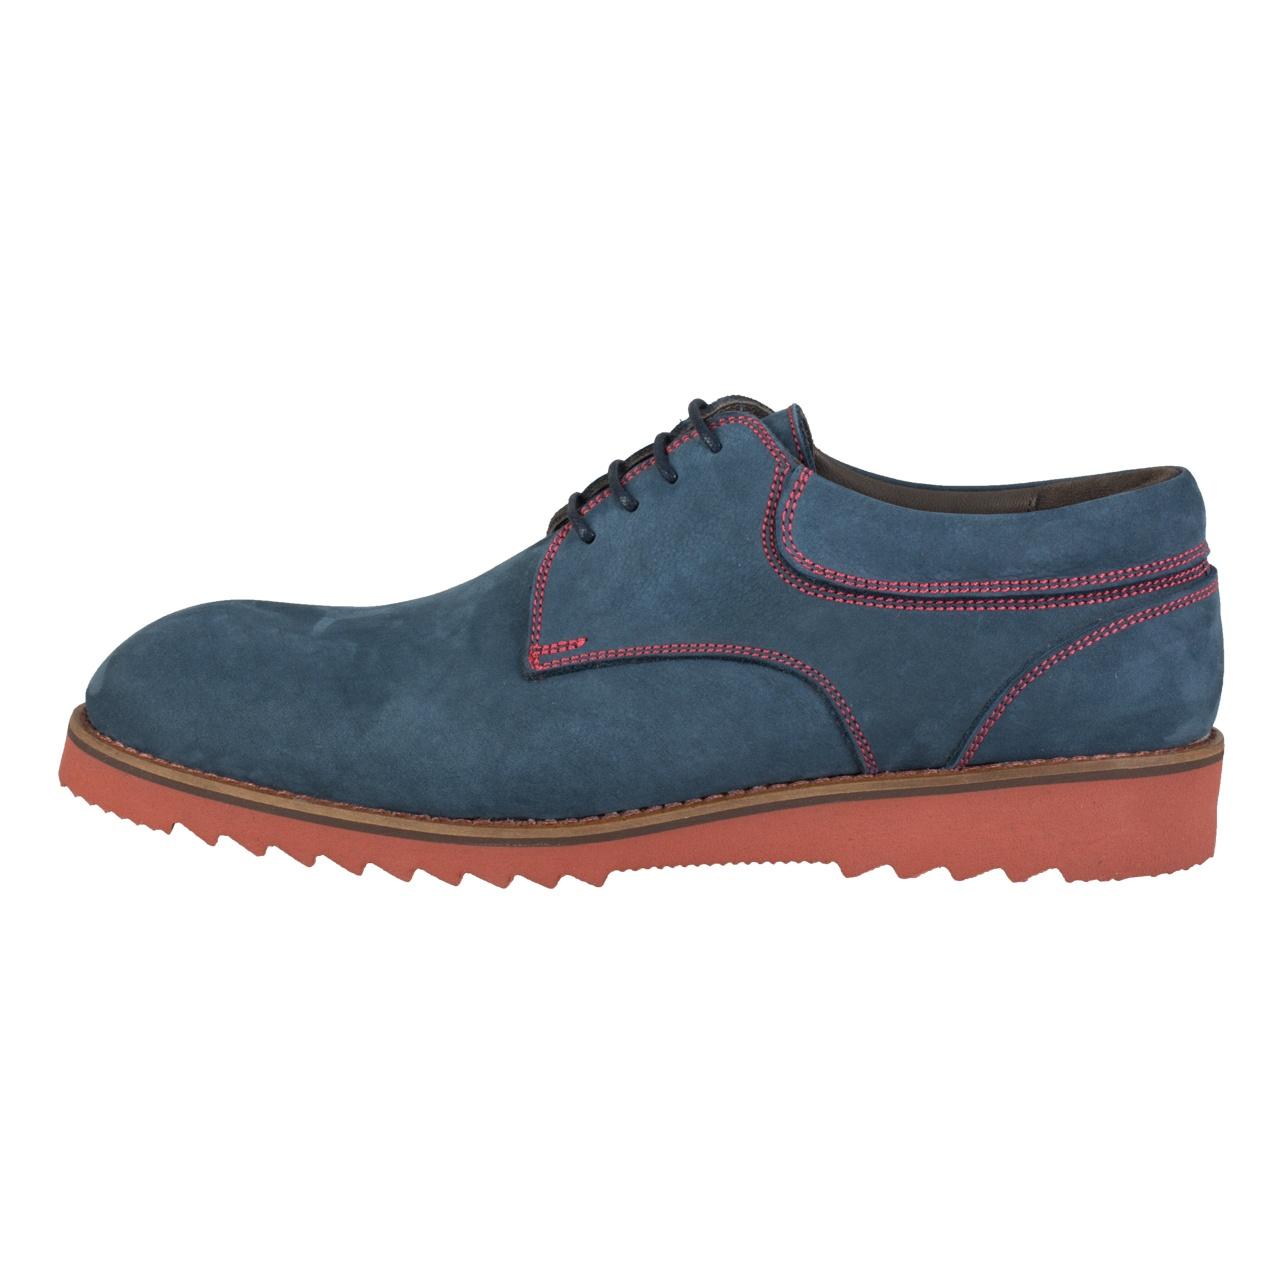 کفش مردانه رسا چرم کد 108             , خرید اینترنتی